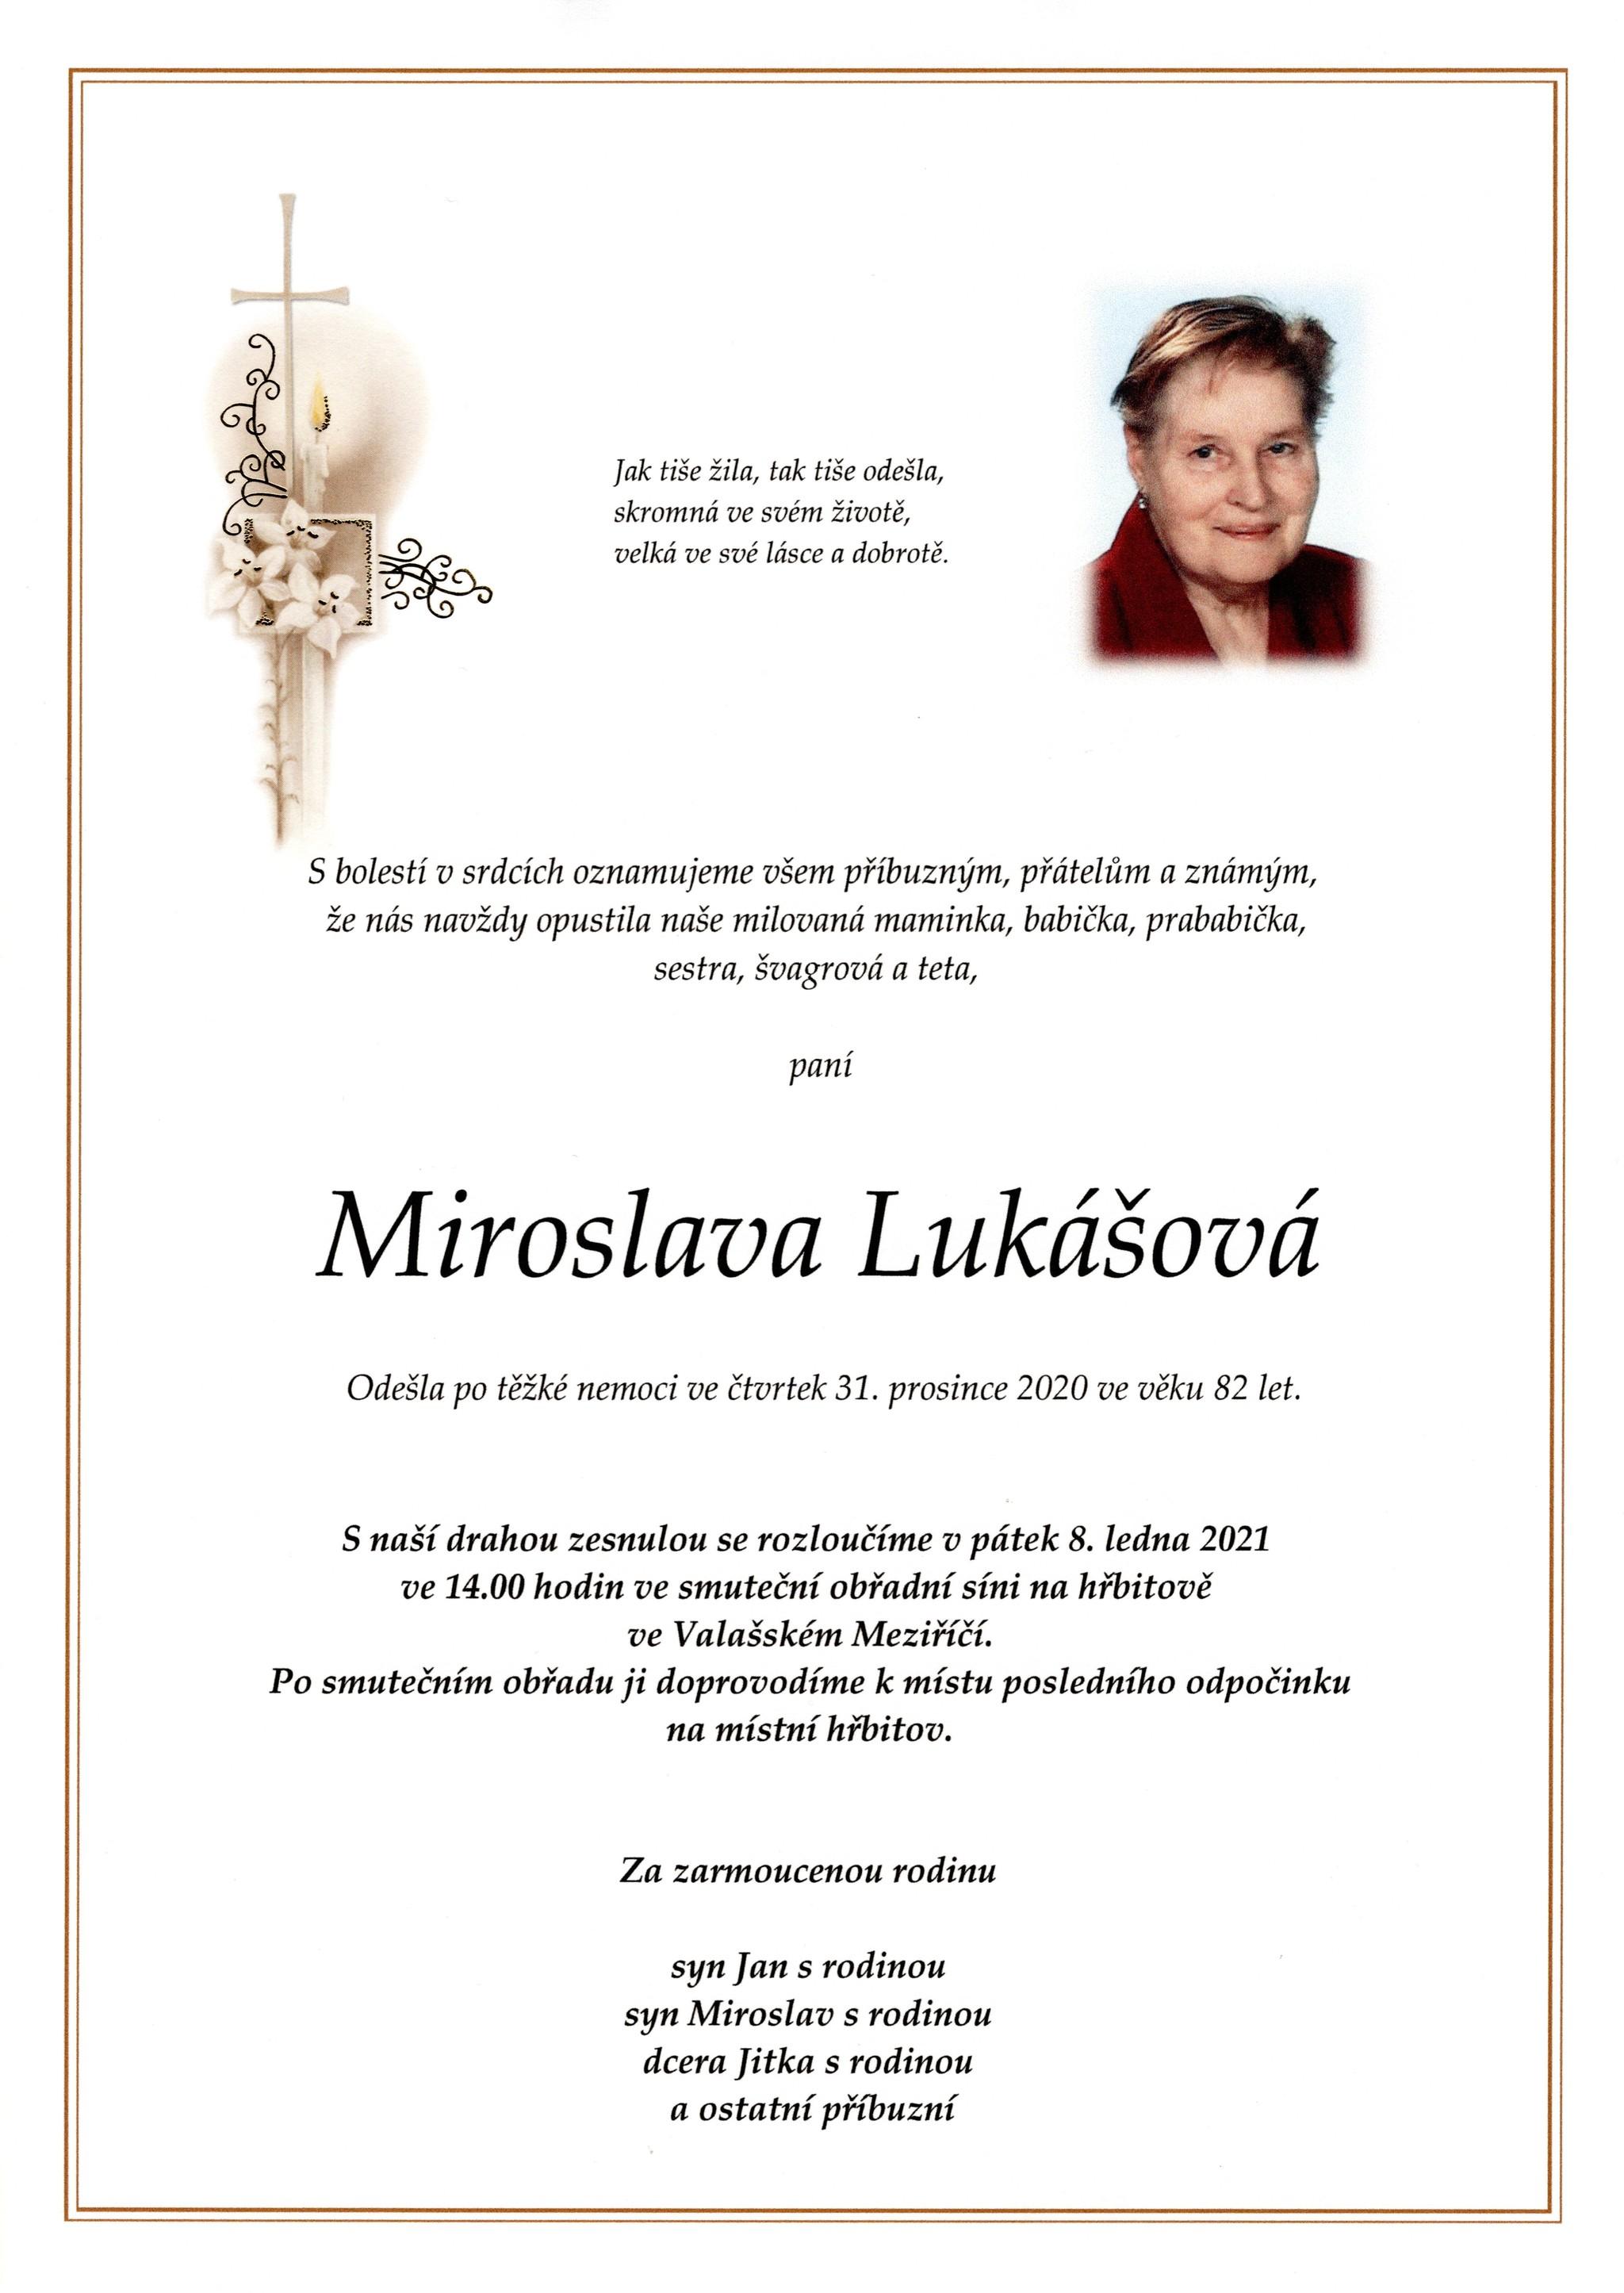 Miroslava Lukášová